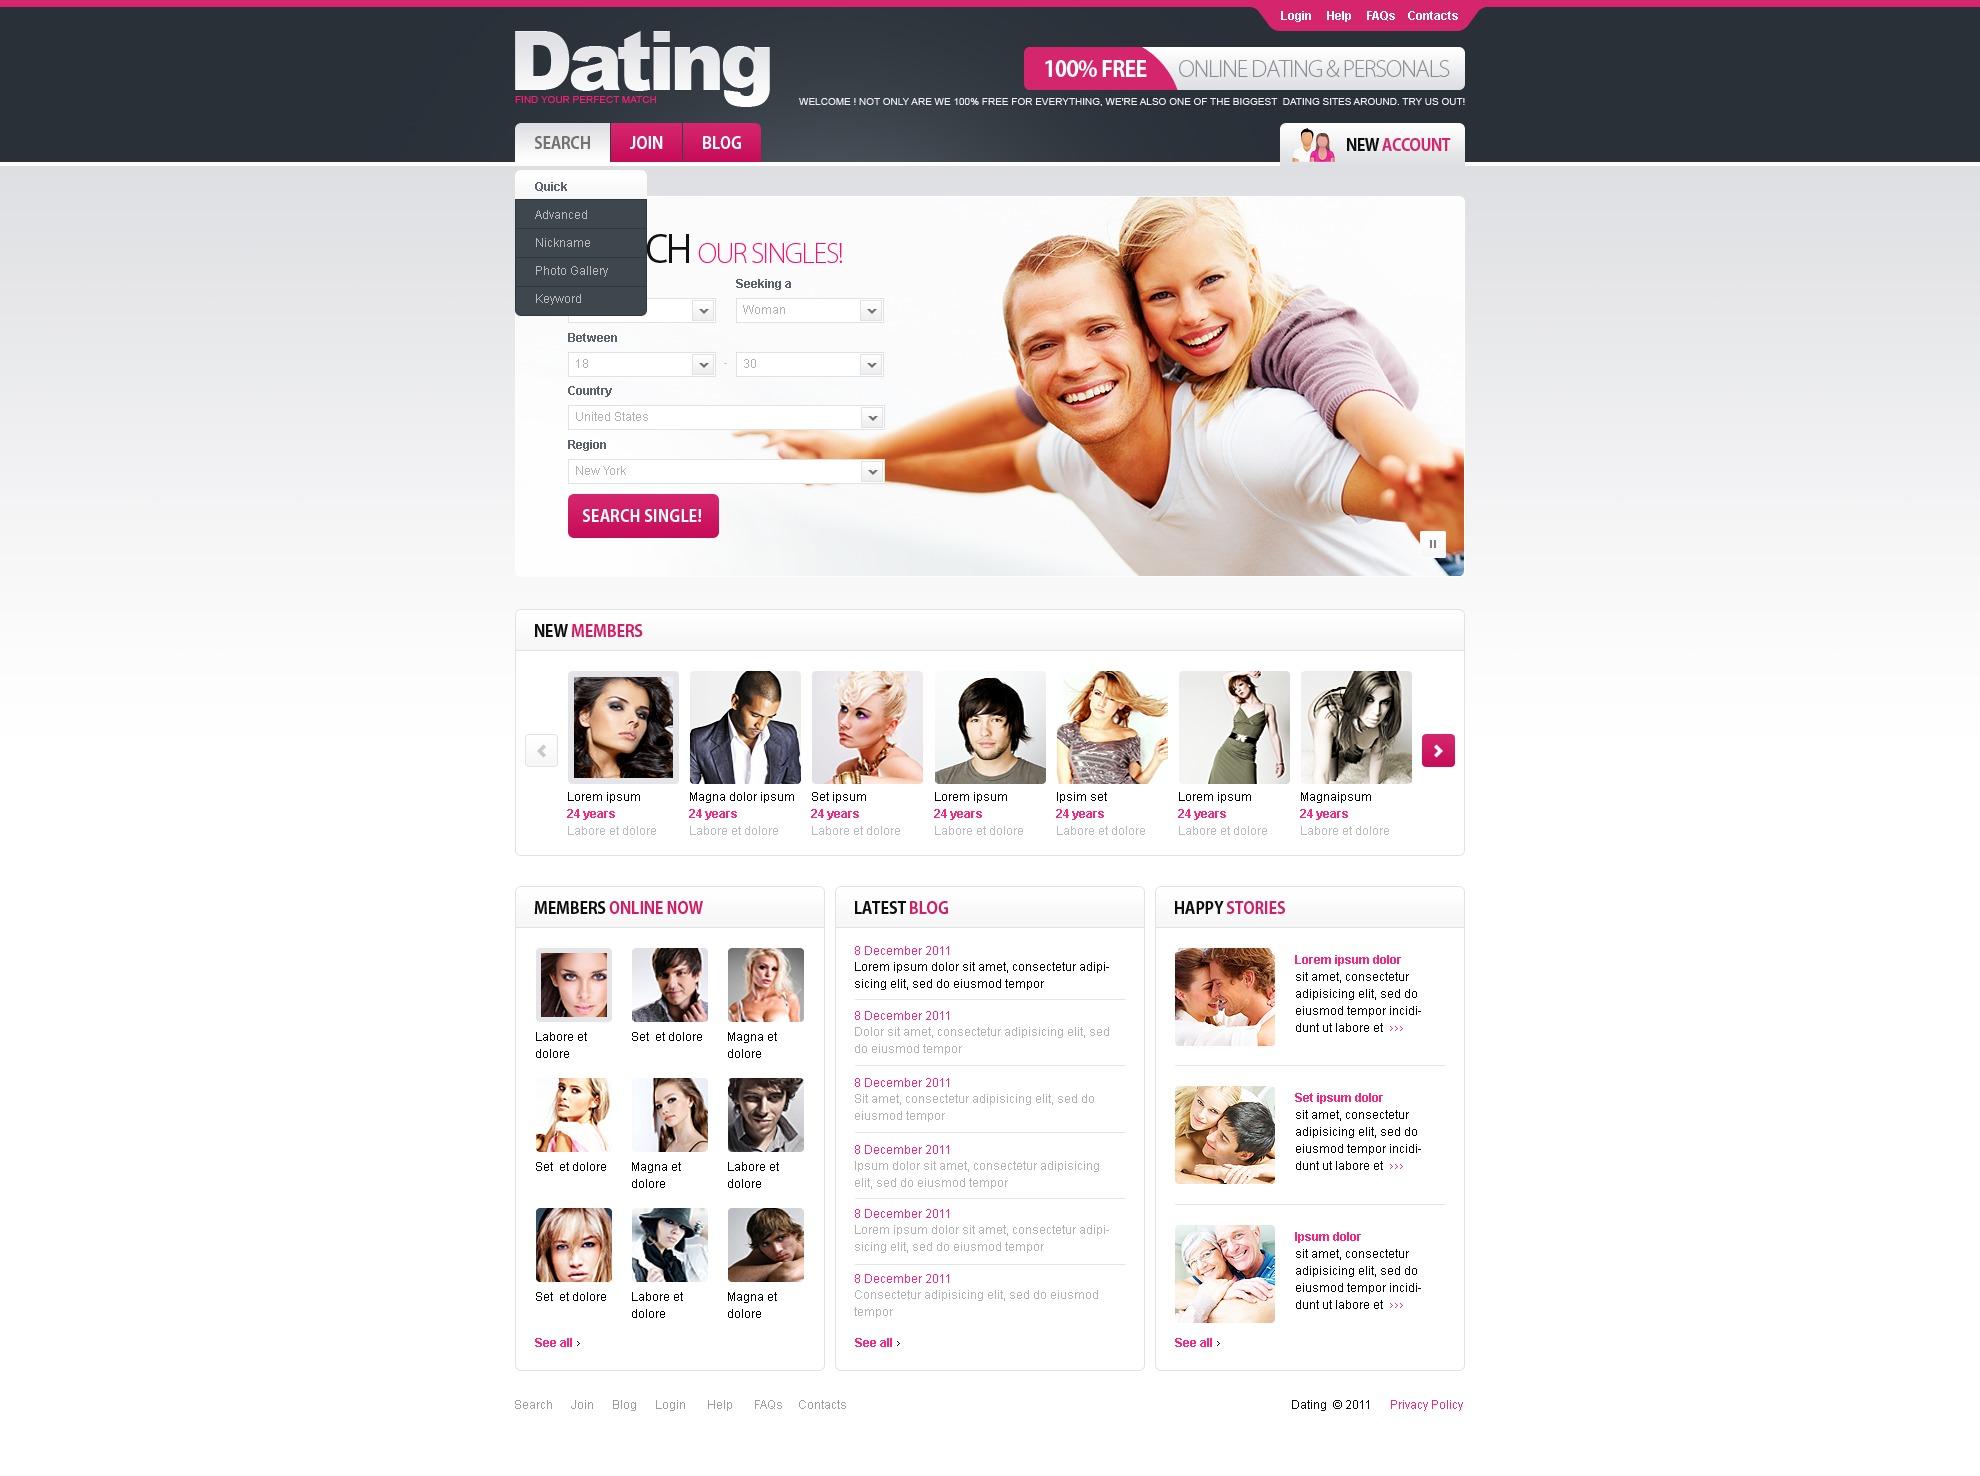 dating website template 34767. Black Bedroom Furniture Sets. Home Design Ideas